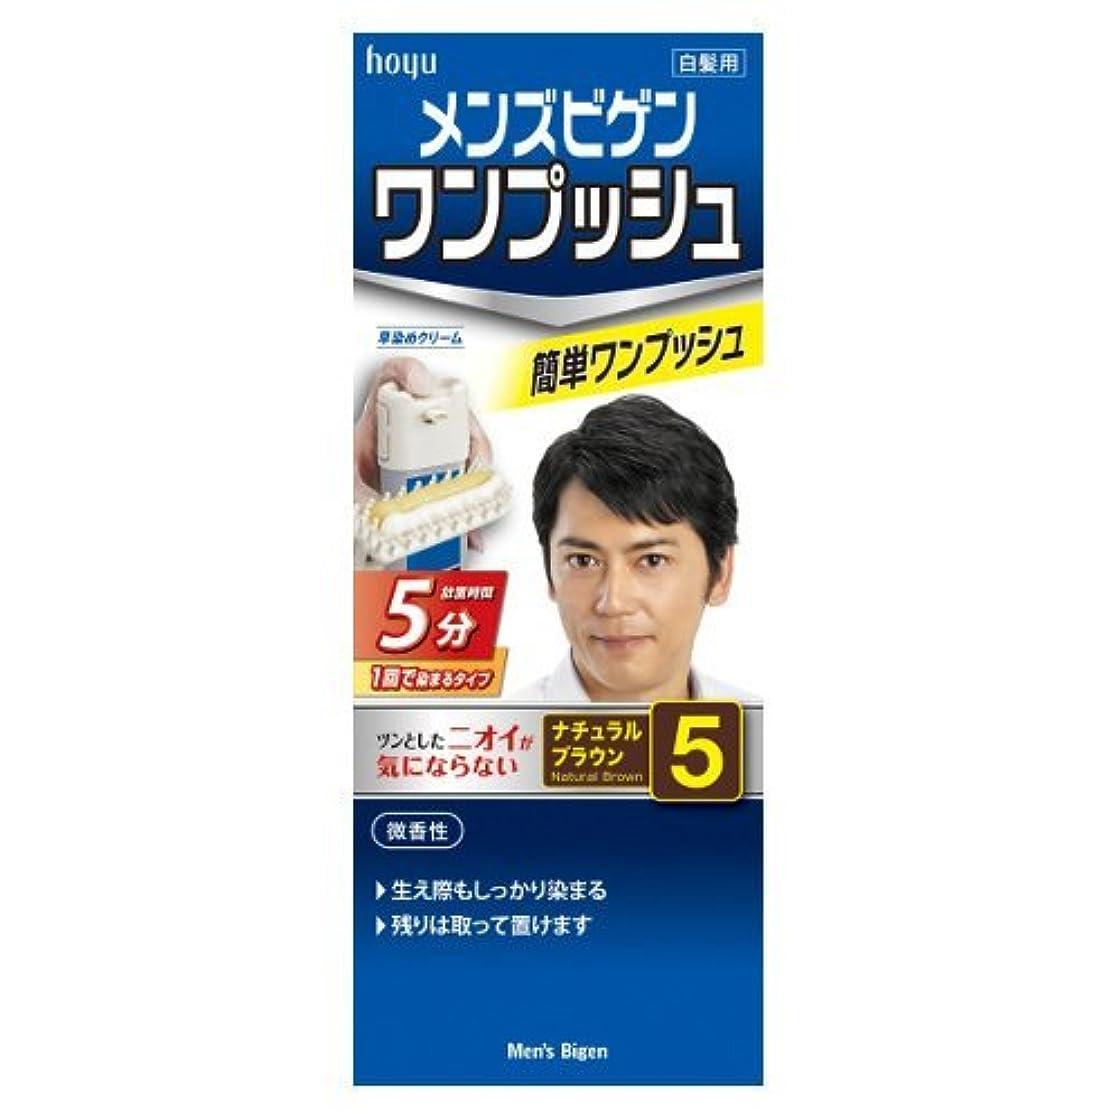 非常にトーナメントサラミメンズビゲン ワンプッシュ 5 ナチュラルブラウン 40g+40g[医薬部外品]